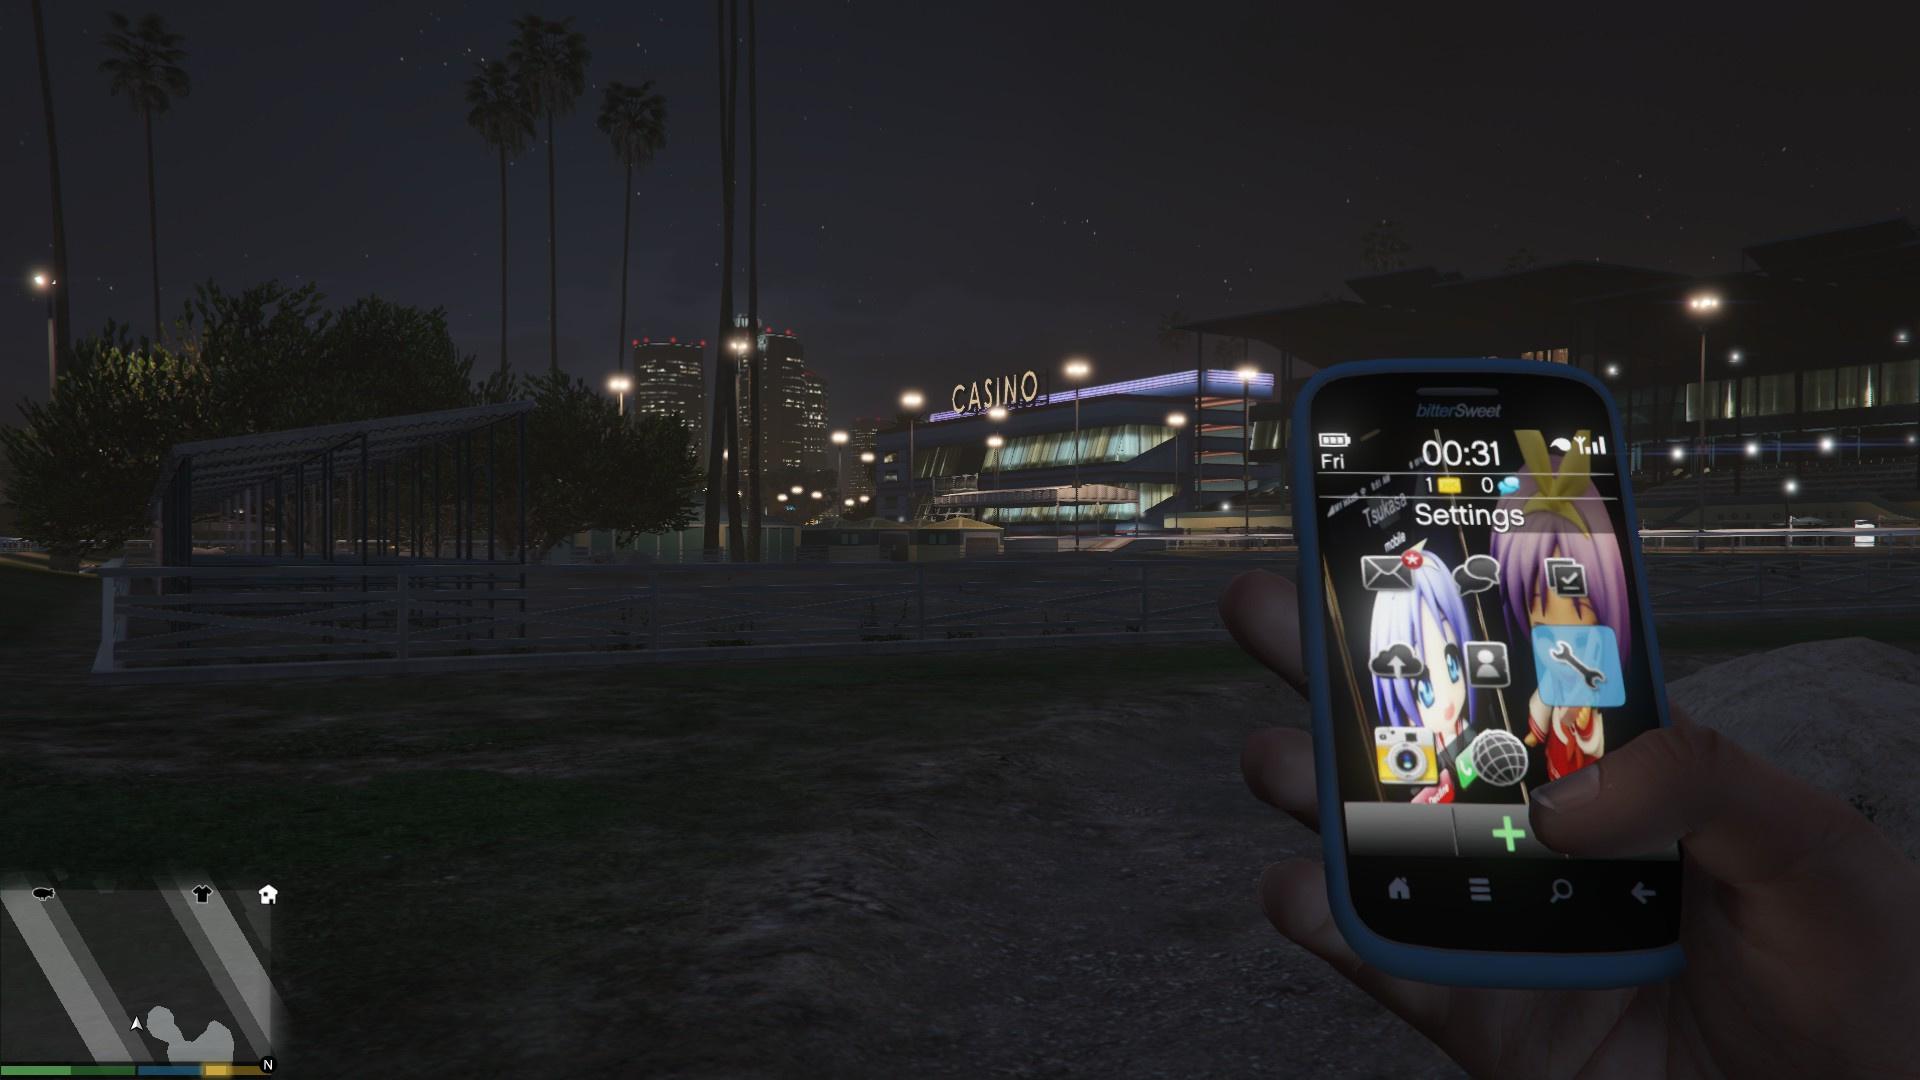 Anime Cell Phone Wallpaper Pack Gta5 Modscom